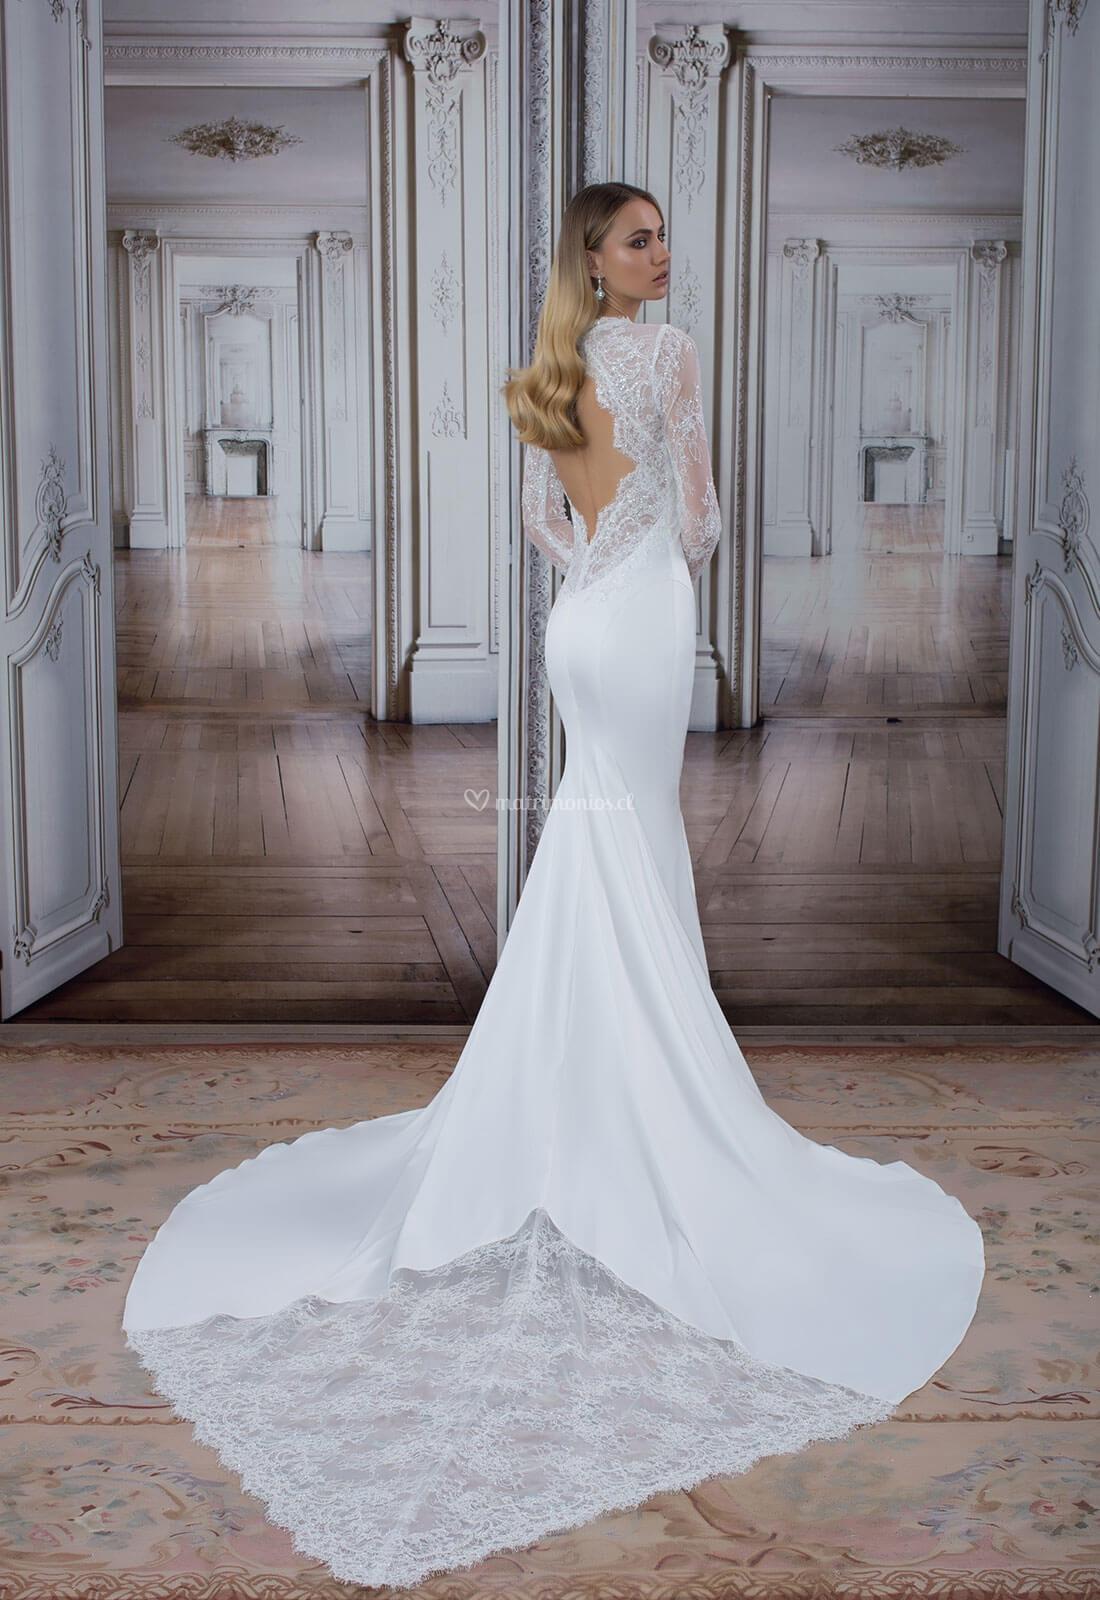 Fotos vestidos novia pnina tornai